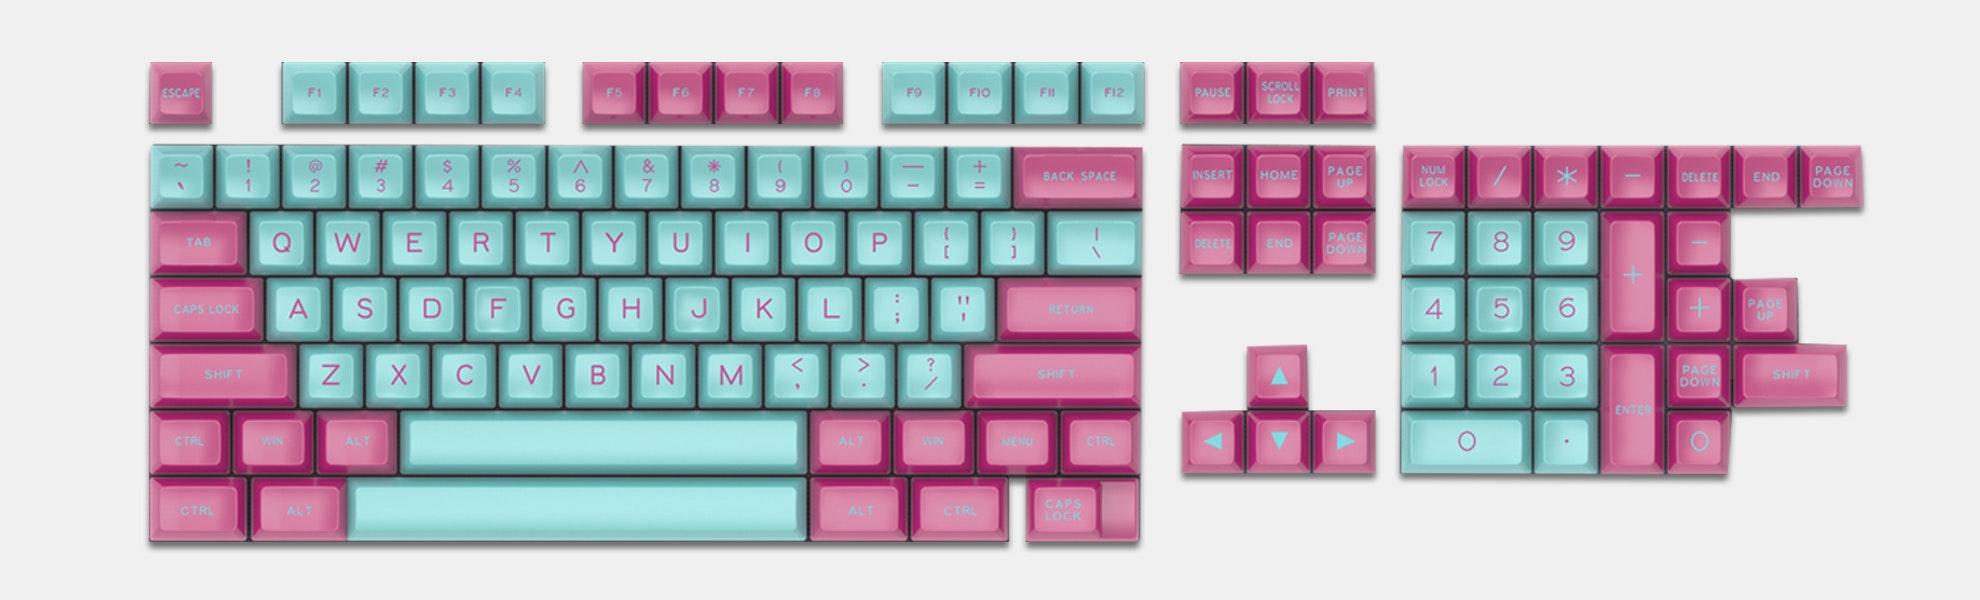 MAXKEY Miami SA Keycap Set